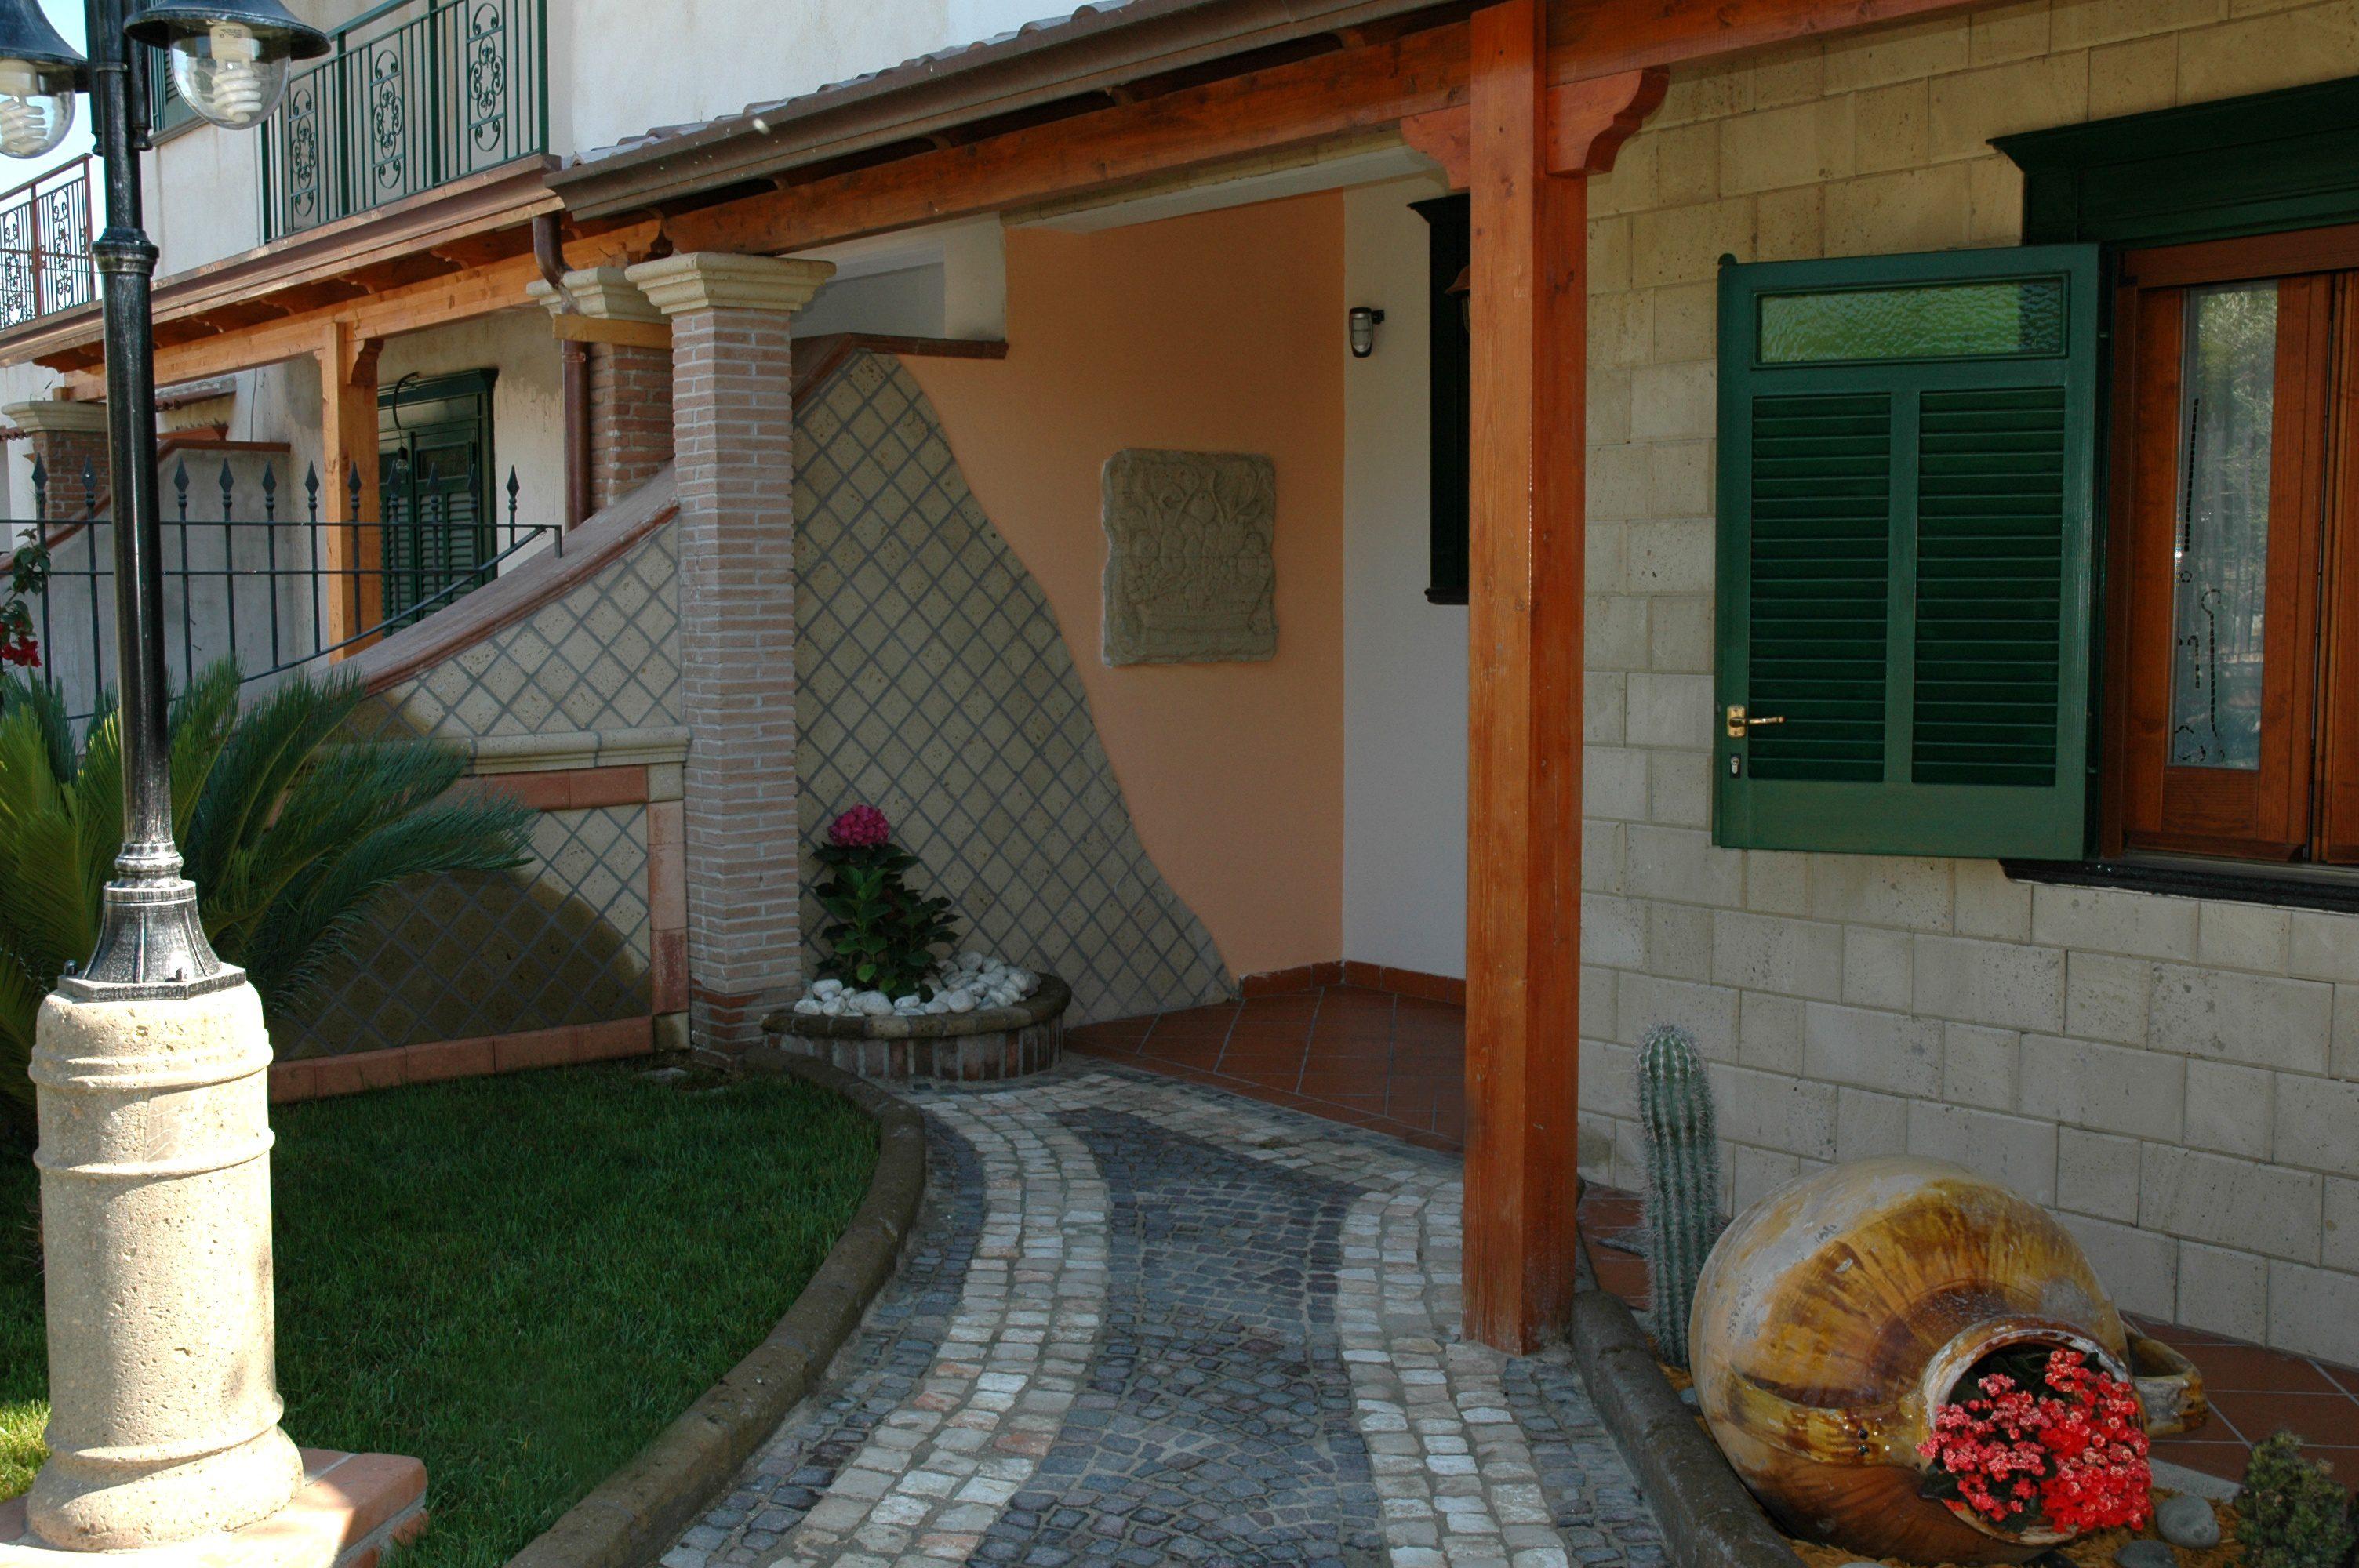 Arredo giardino liccarblock lavorazione marmo pietre for Arredo giardino napoli